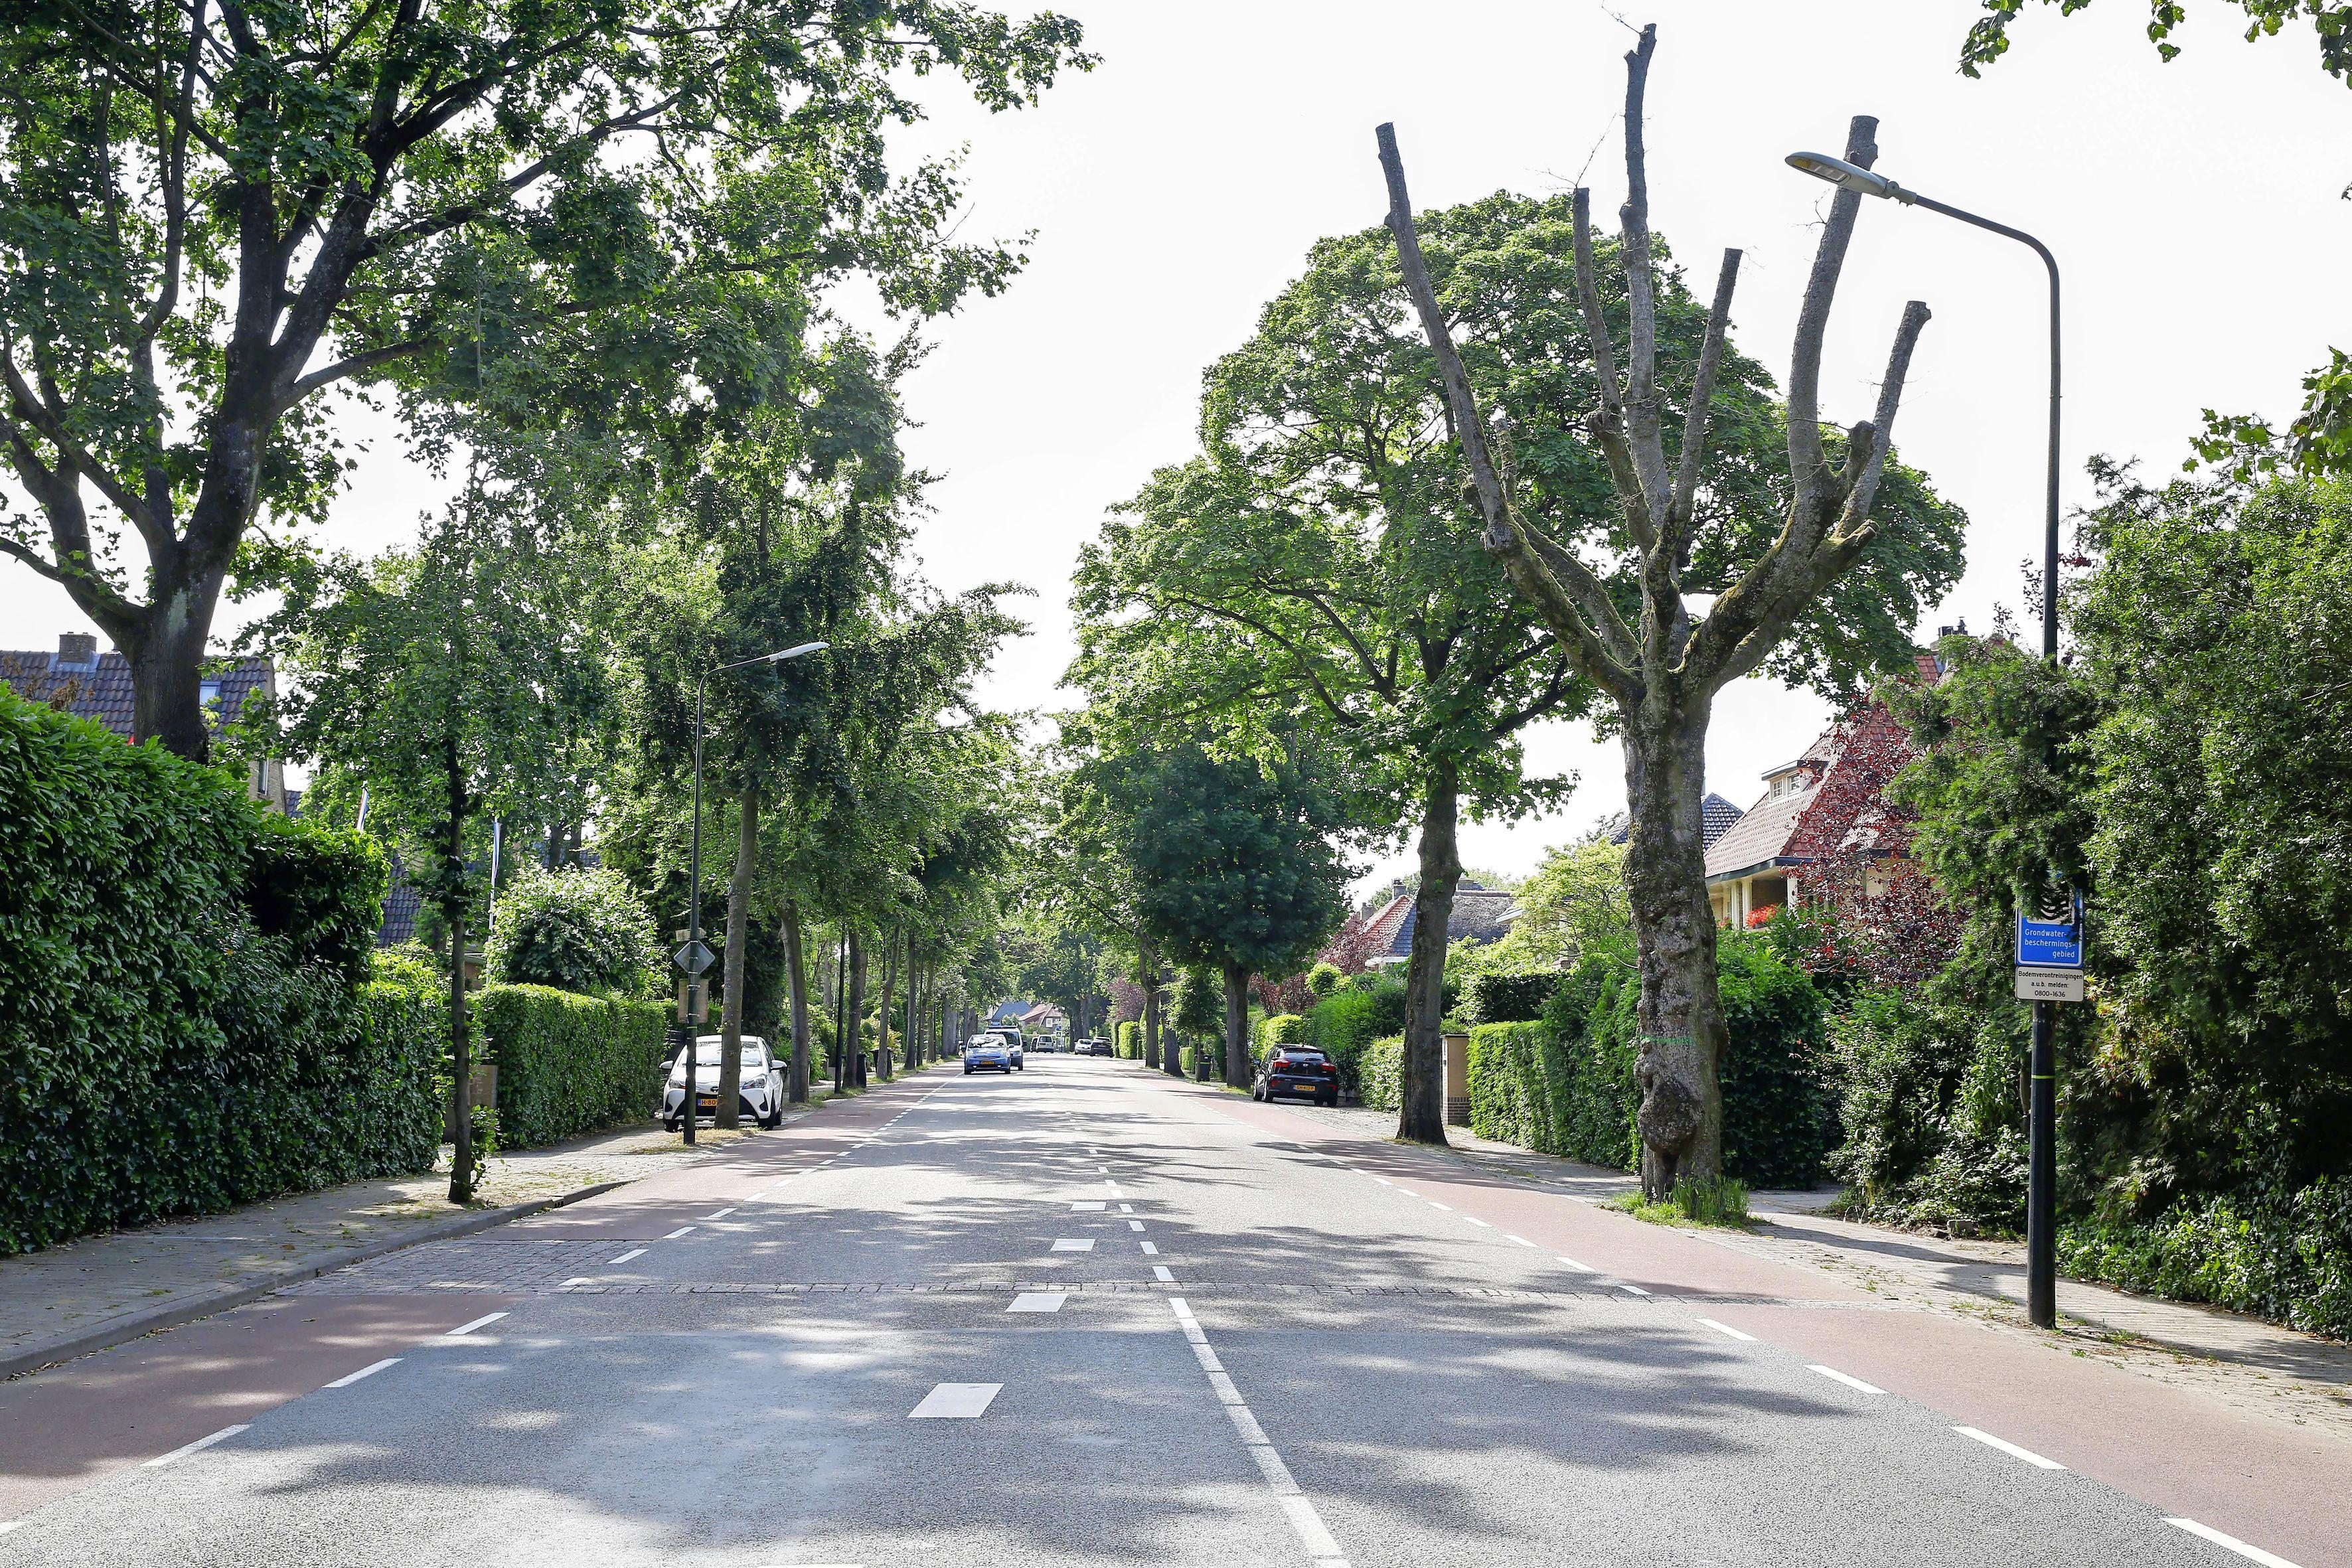 'De laanstructuur van de Nieuwe Bussummerweg in Huizen is historie en moet behouden blijven'. Ondertussen verdwijnen de afgelopen 20 jaar alleen maar bomen